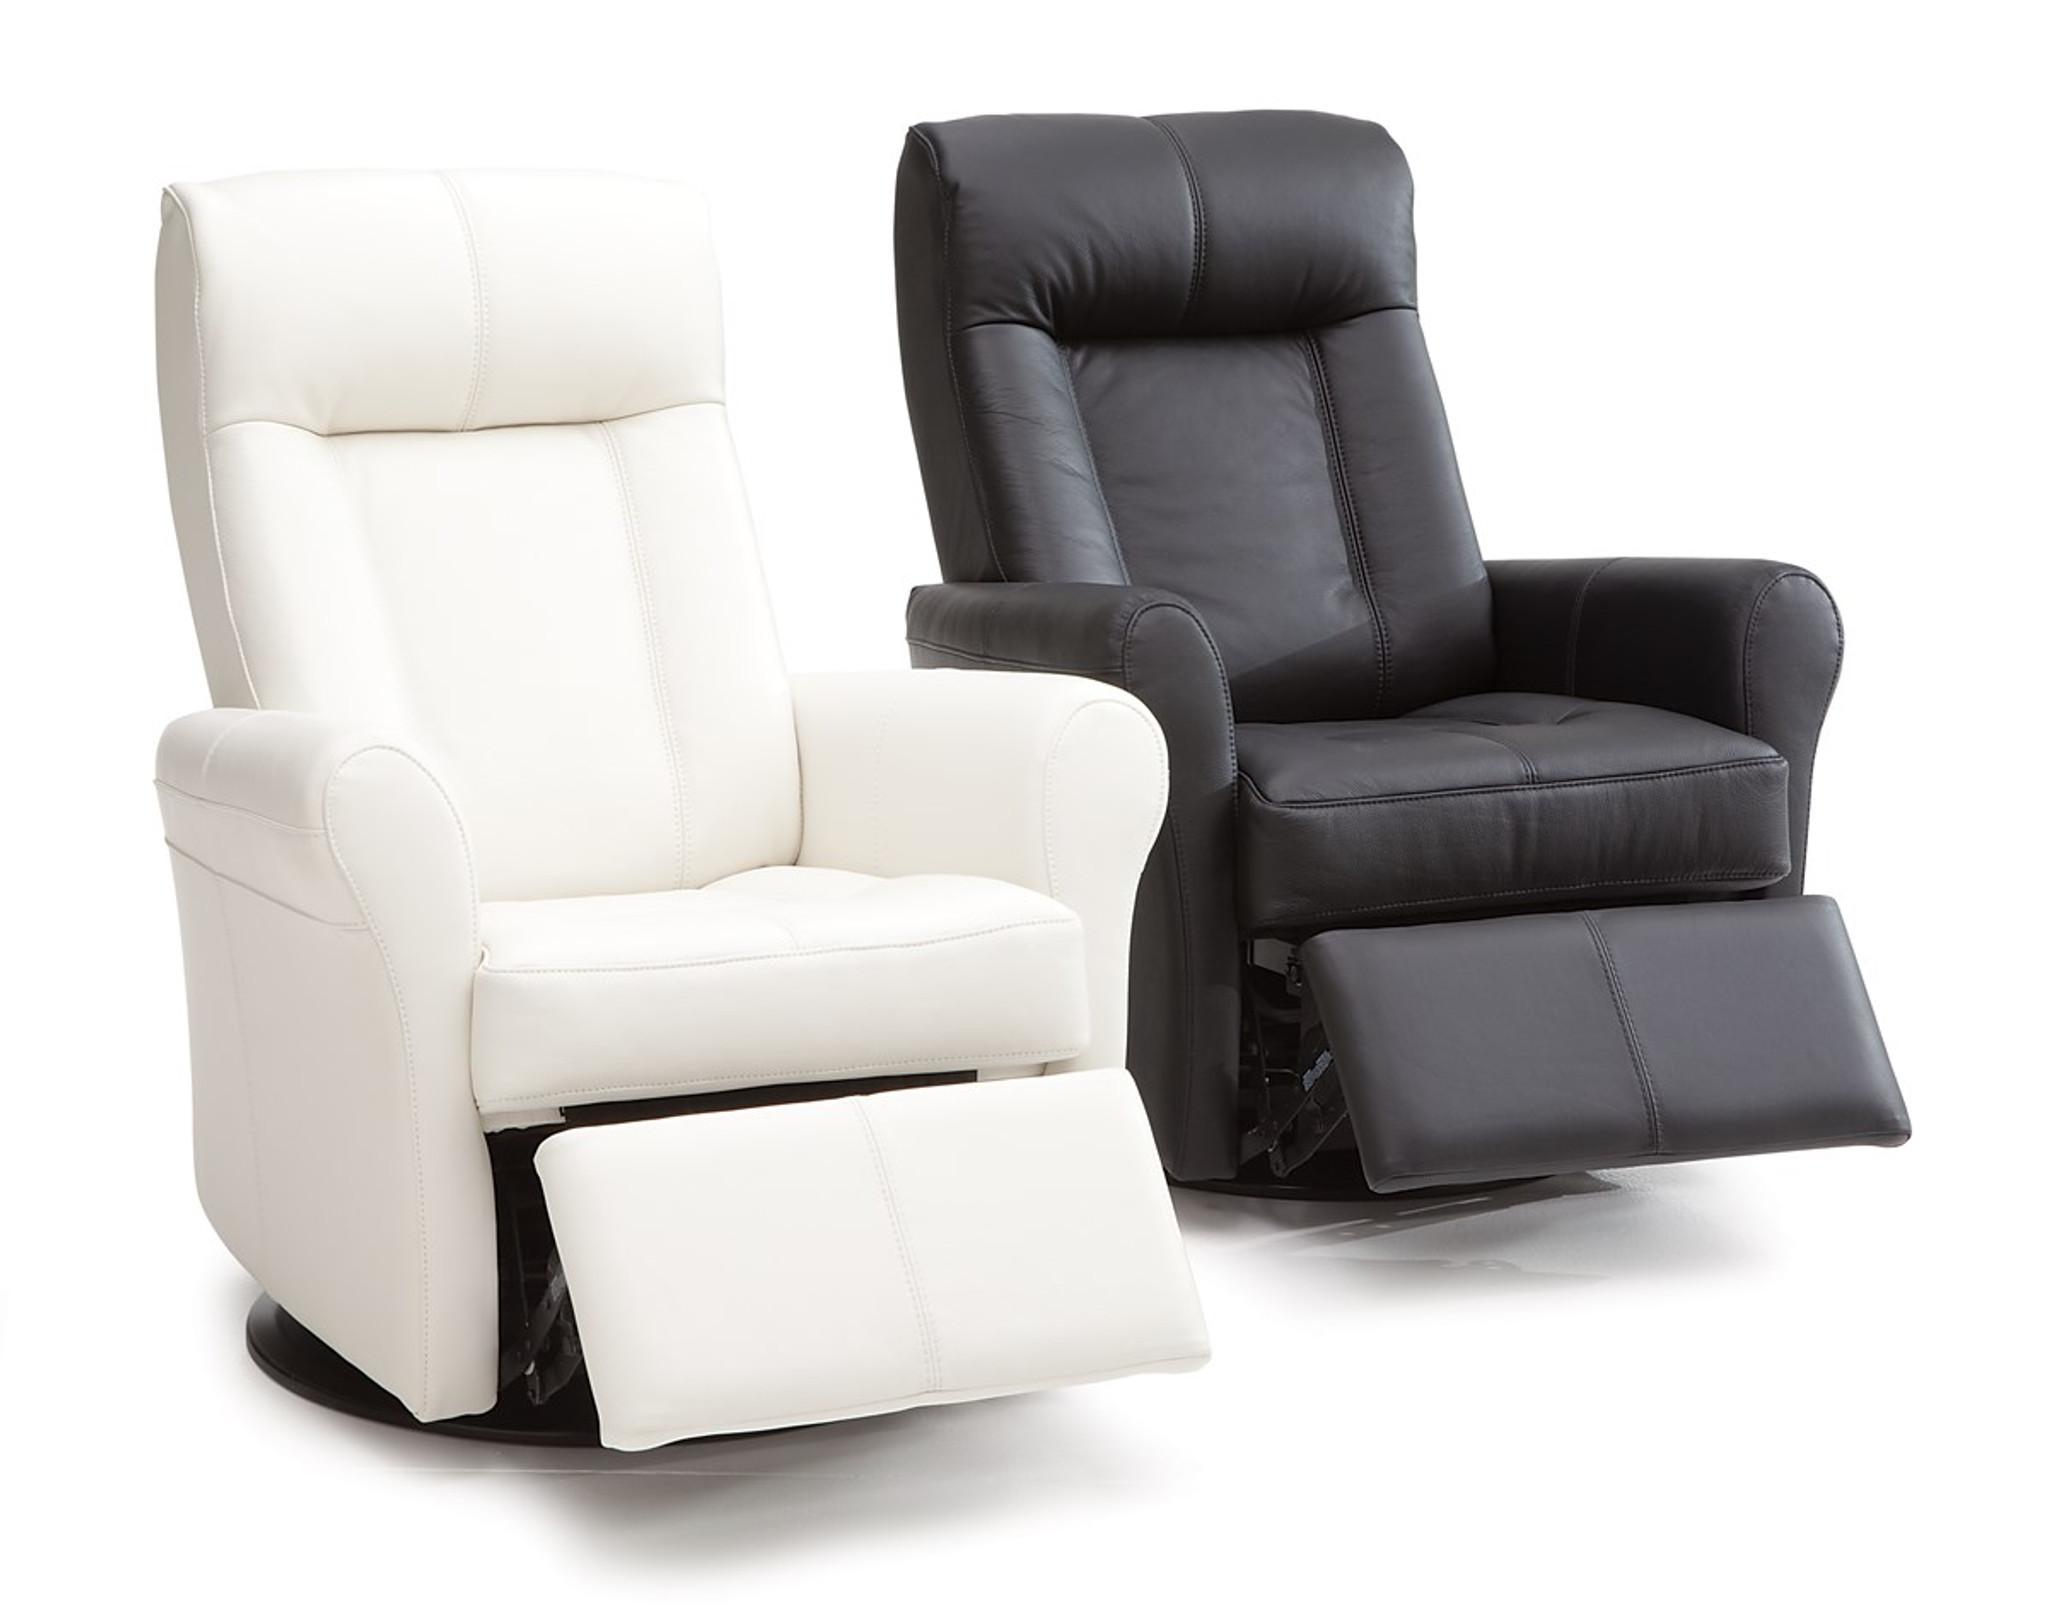 42211 Yellowstone Recliner Chairs Palliser My